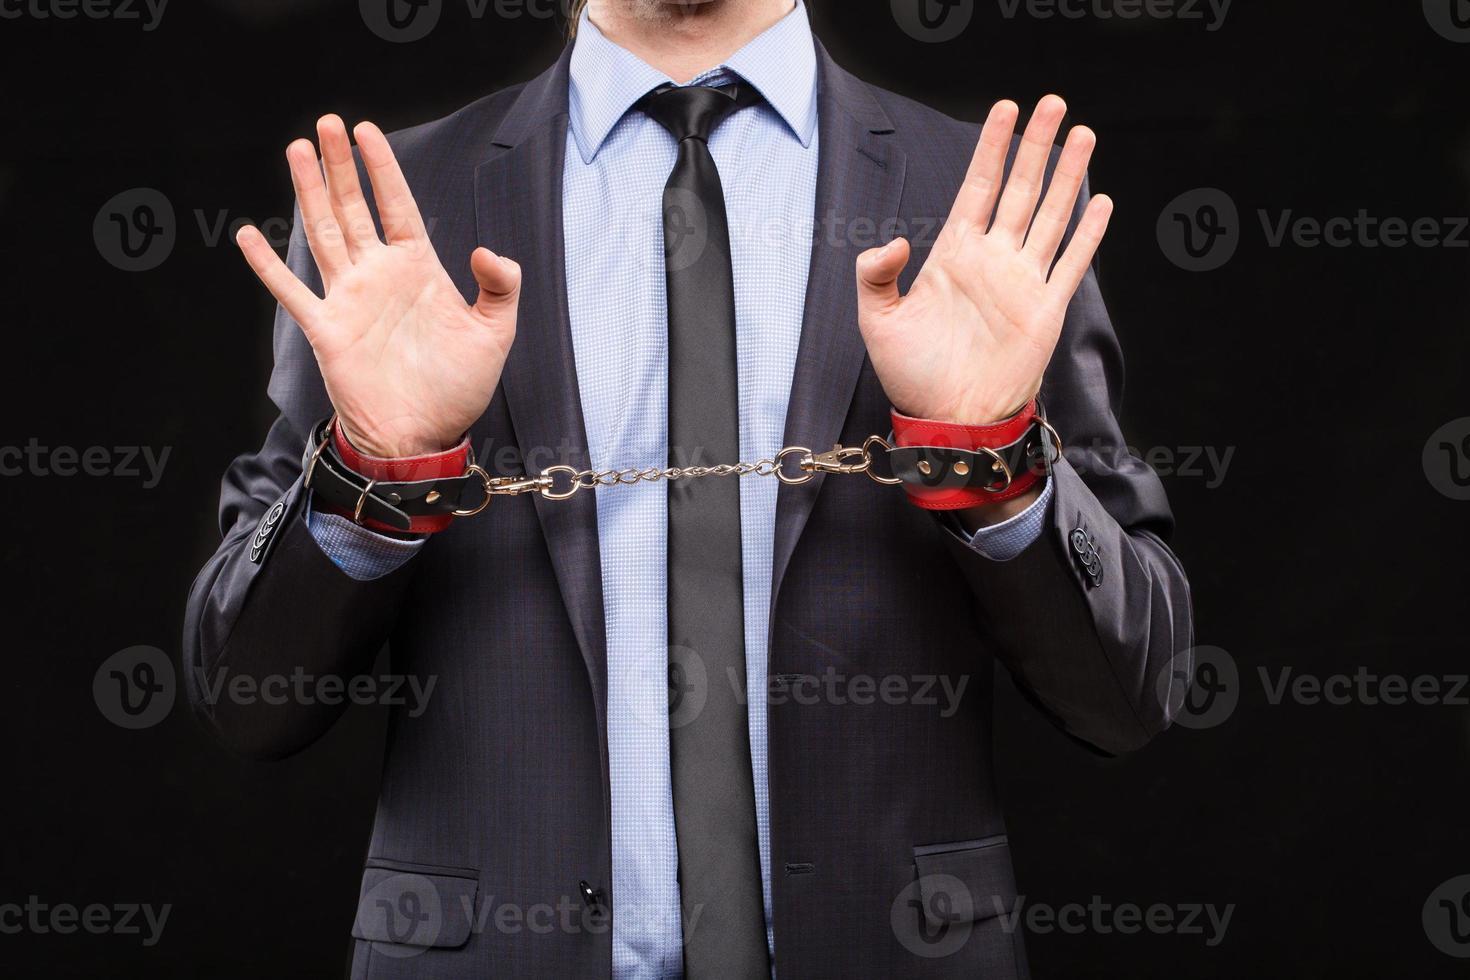 man in een pak met geketende handen. handboeien voor foto